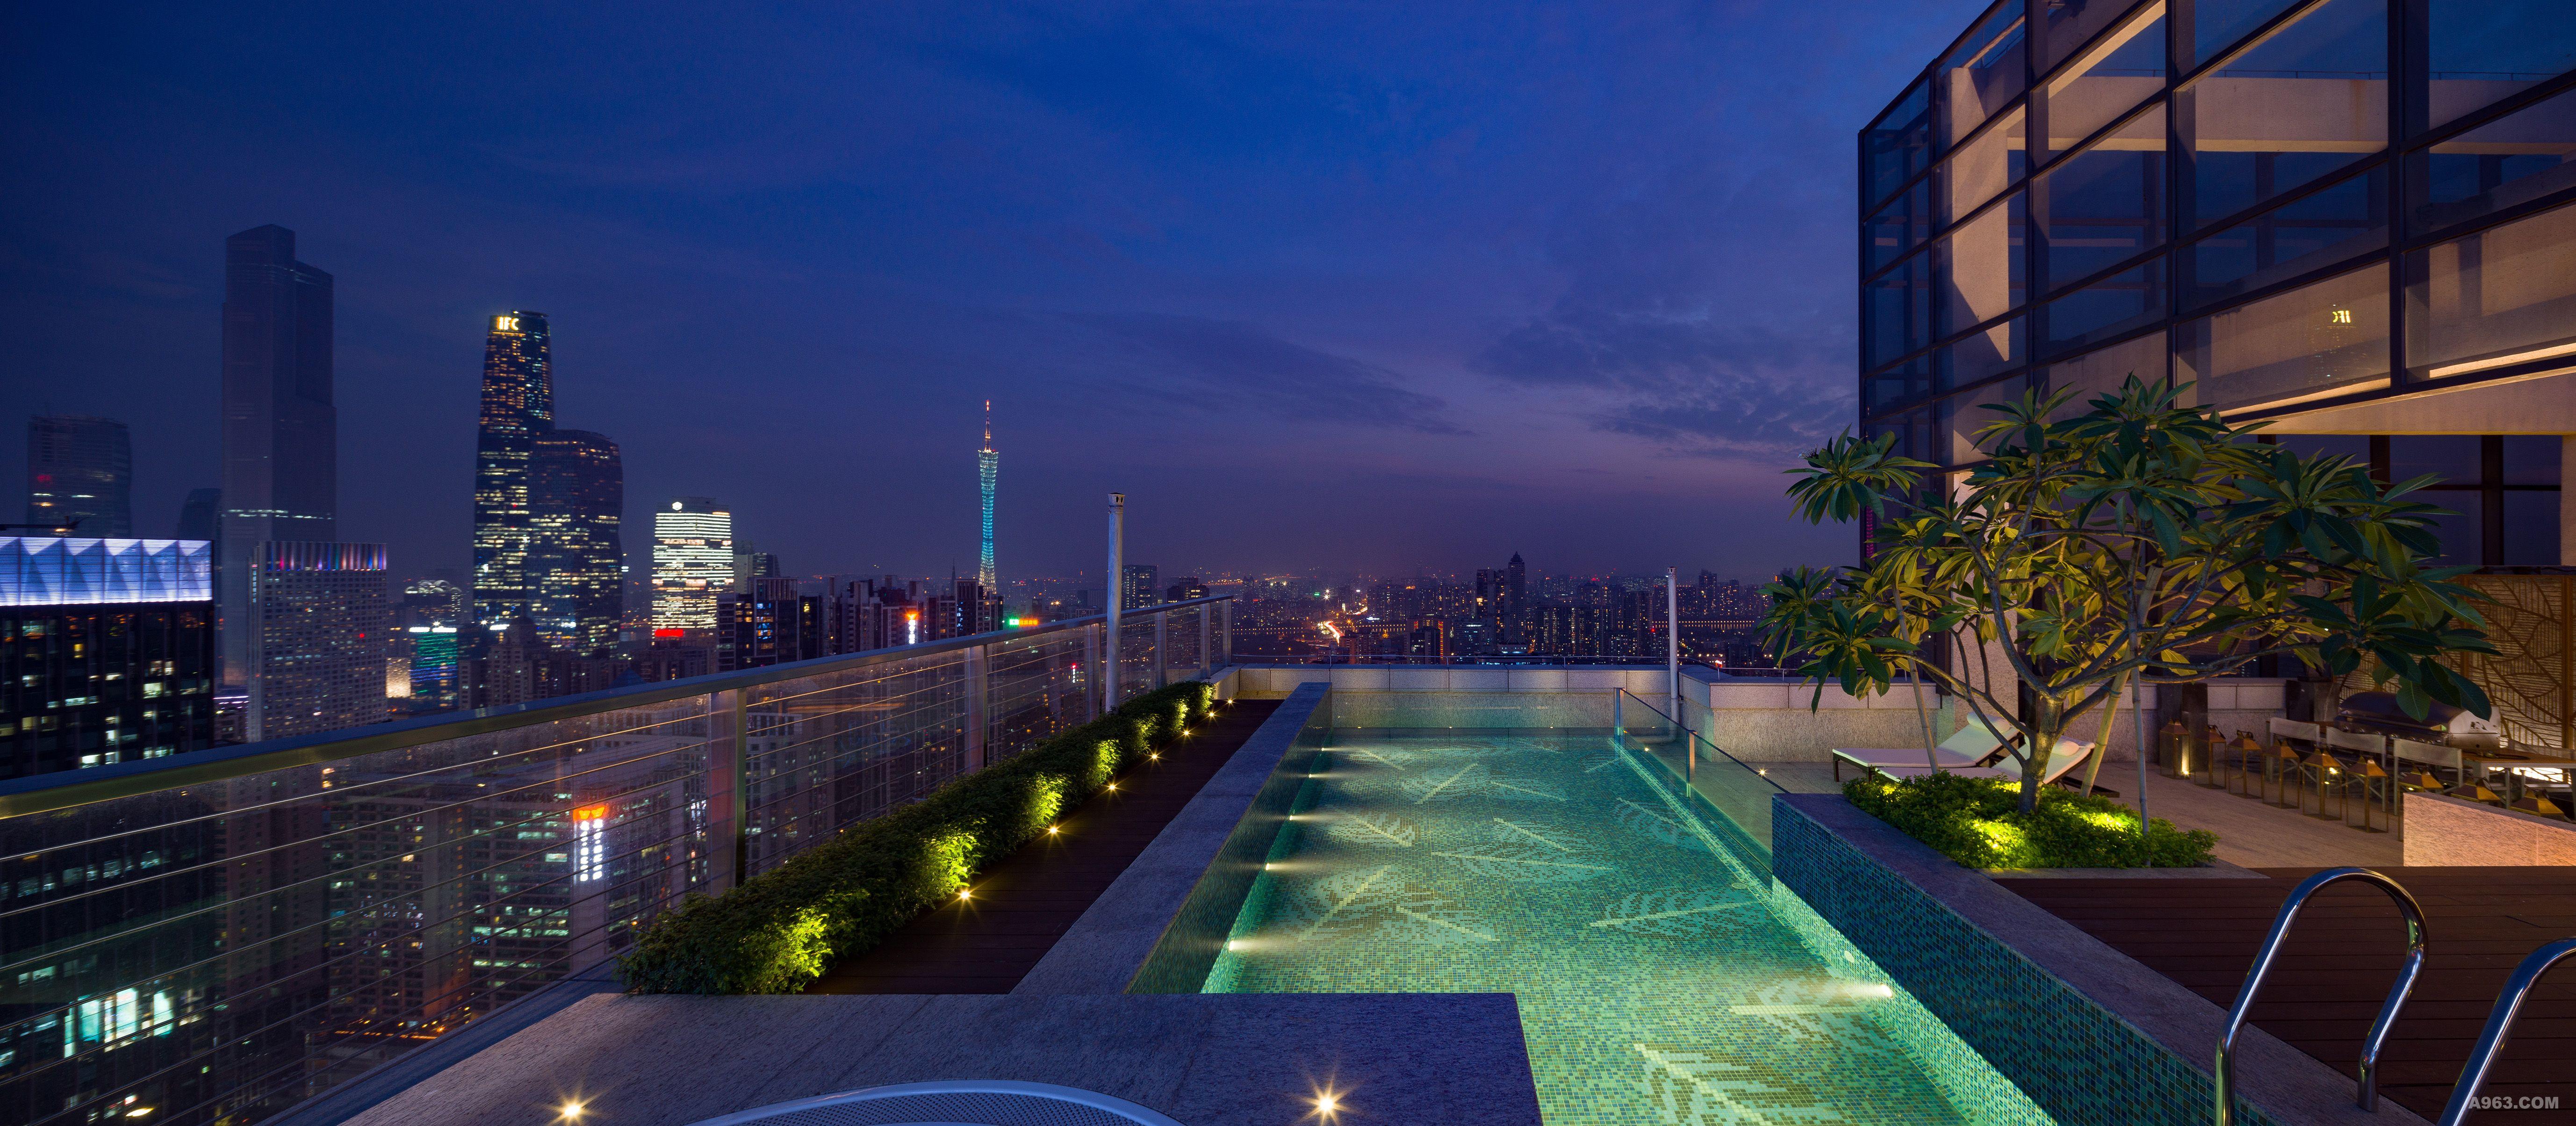 空中泳池_天台半开放空中花园和户外游泳池享受无边视野